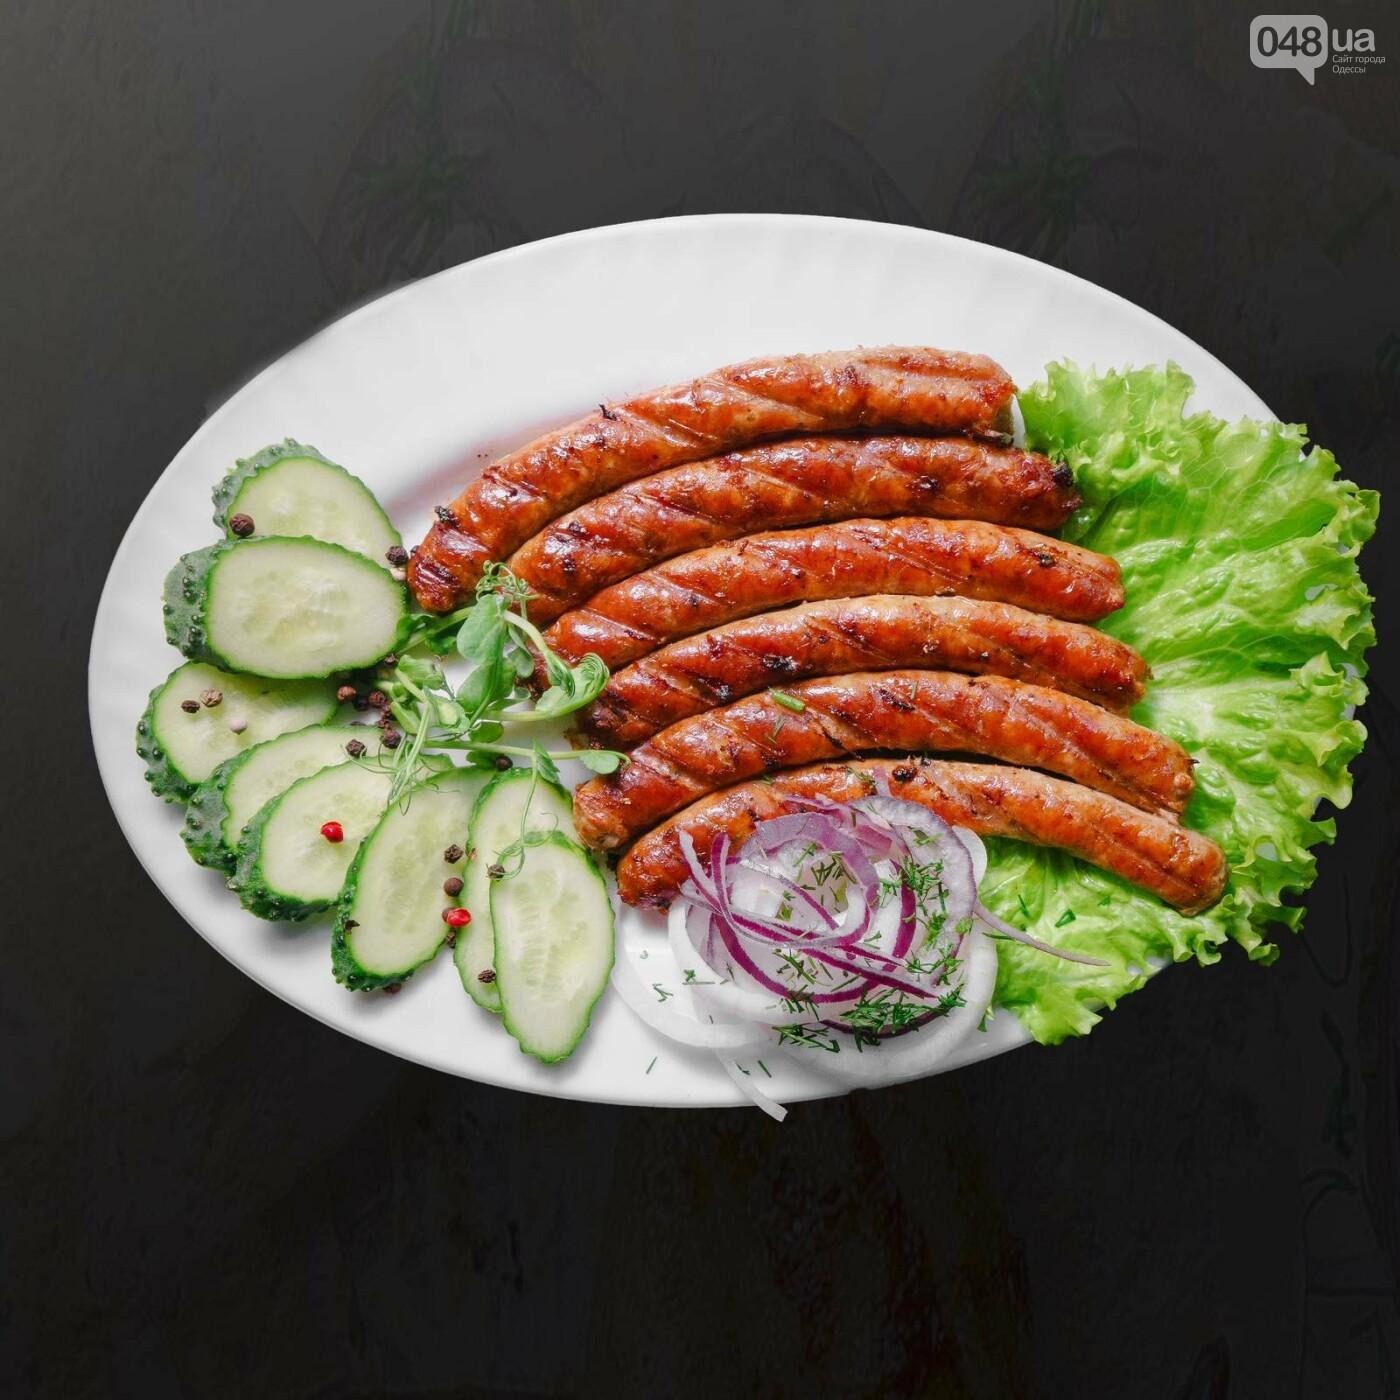 Доставка еды -популярные доставки Одессы, фото-51